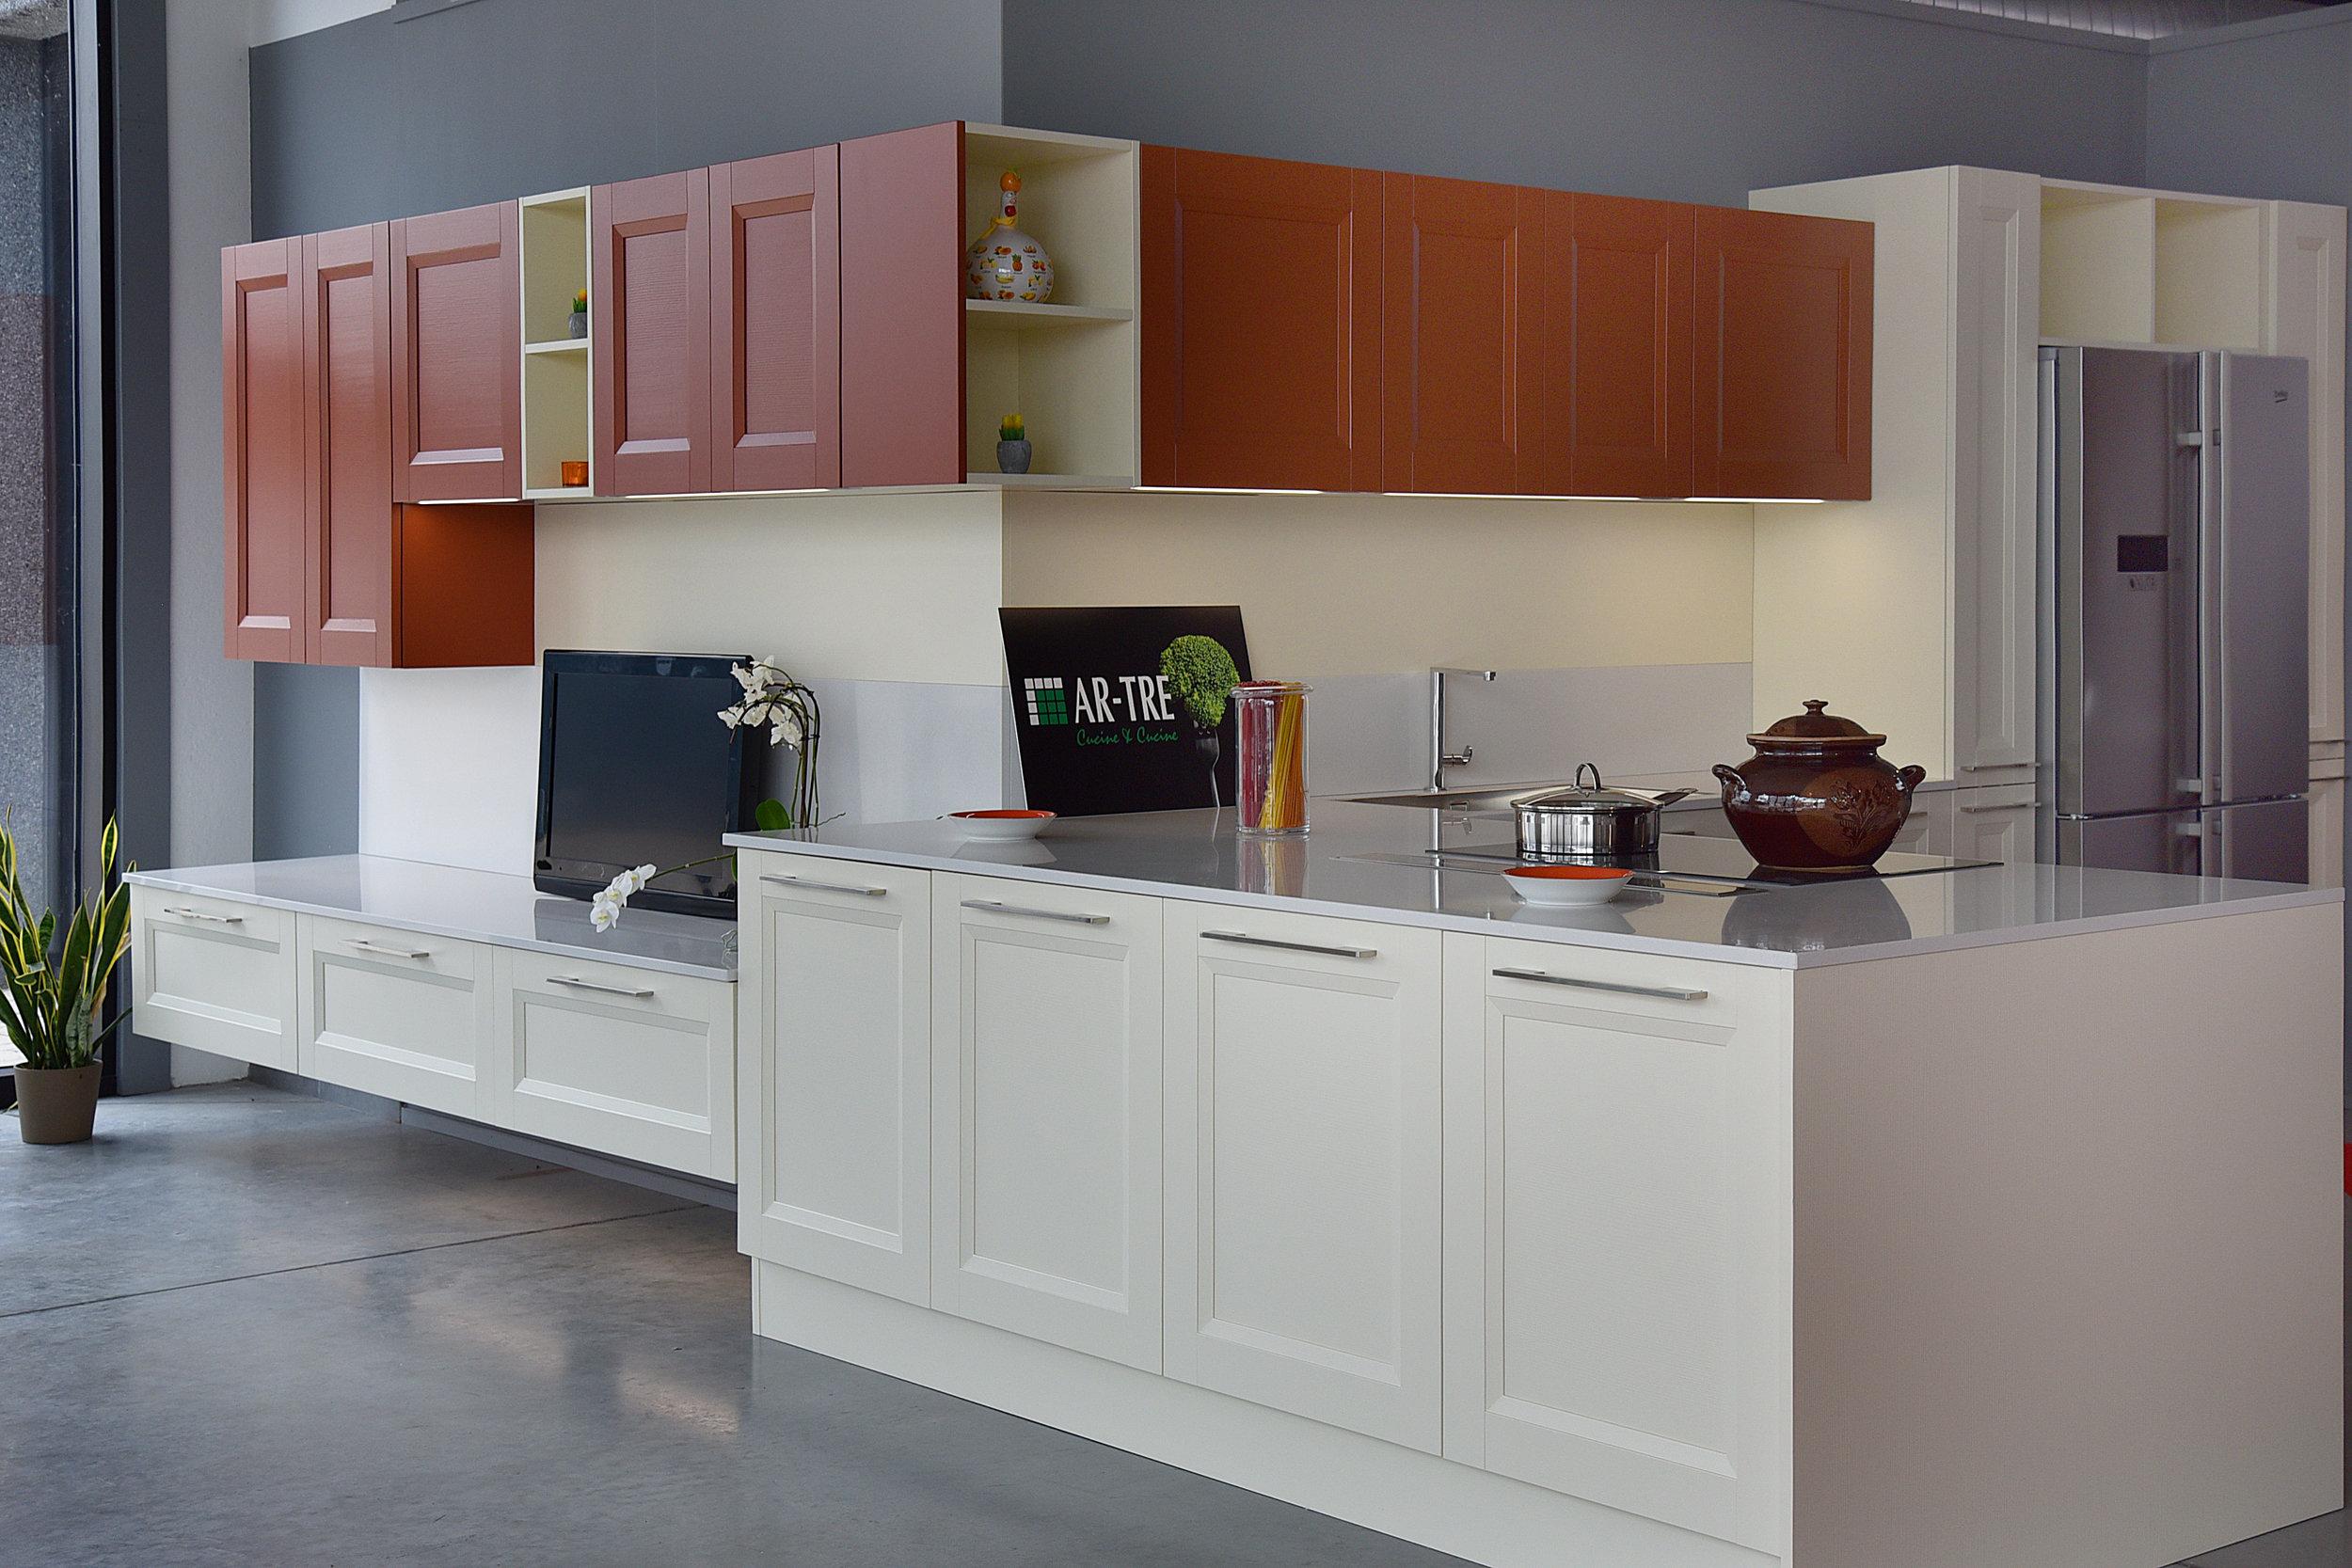 cucina 02 - 08.jpg